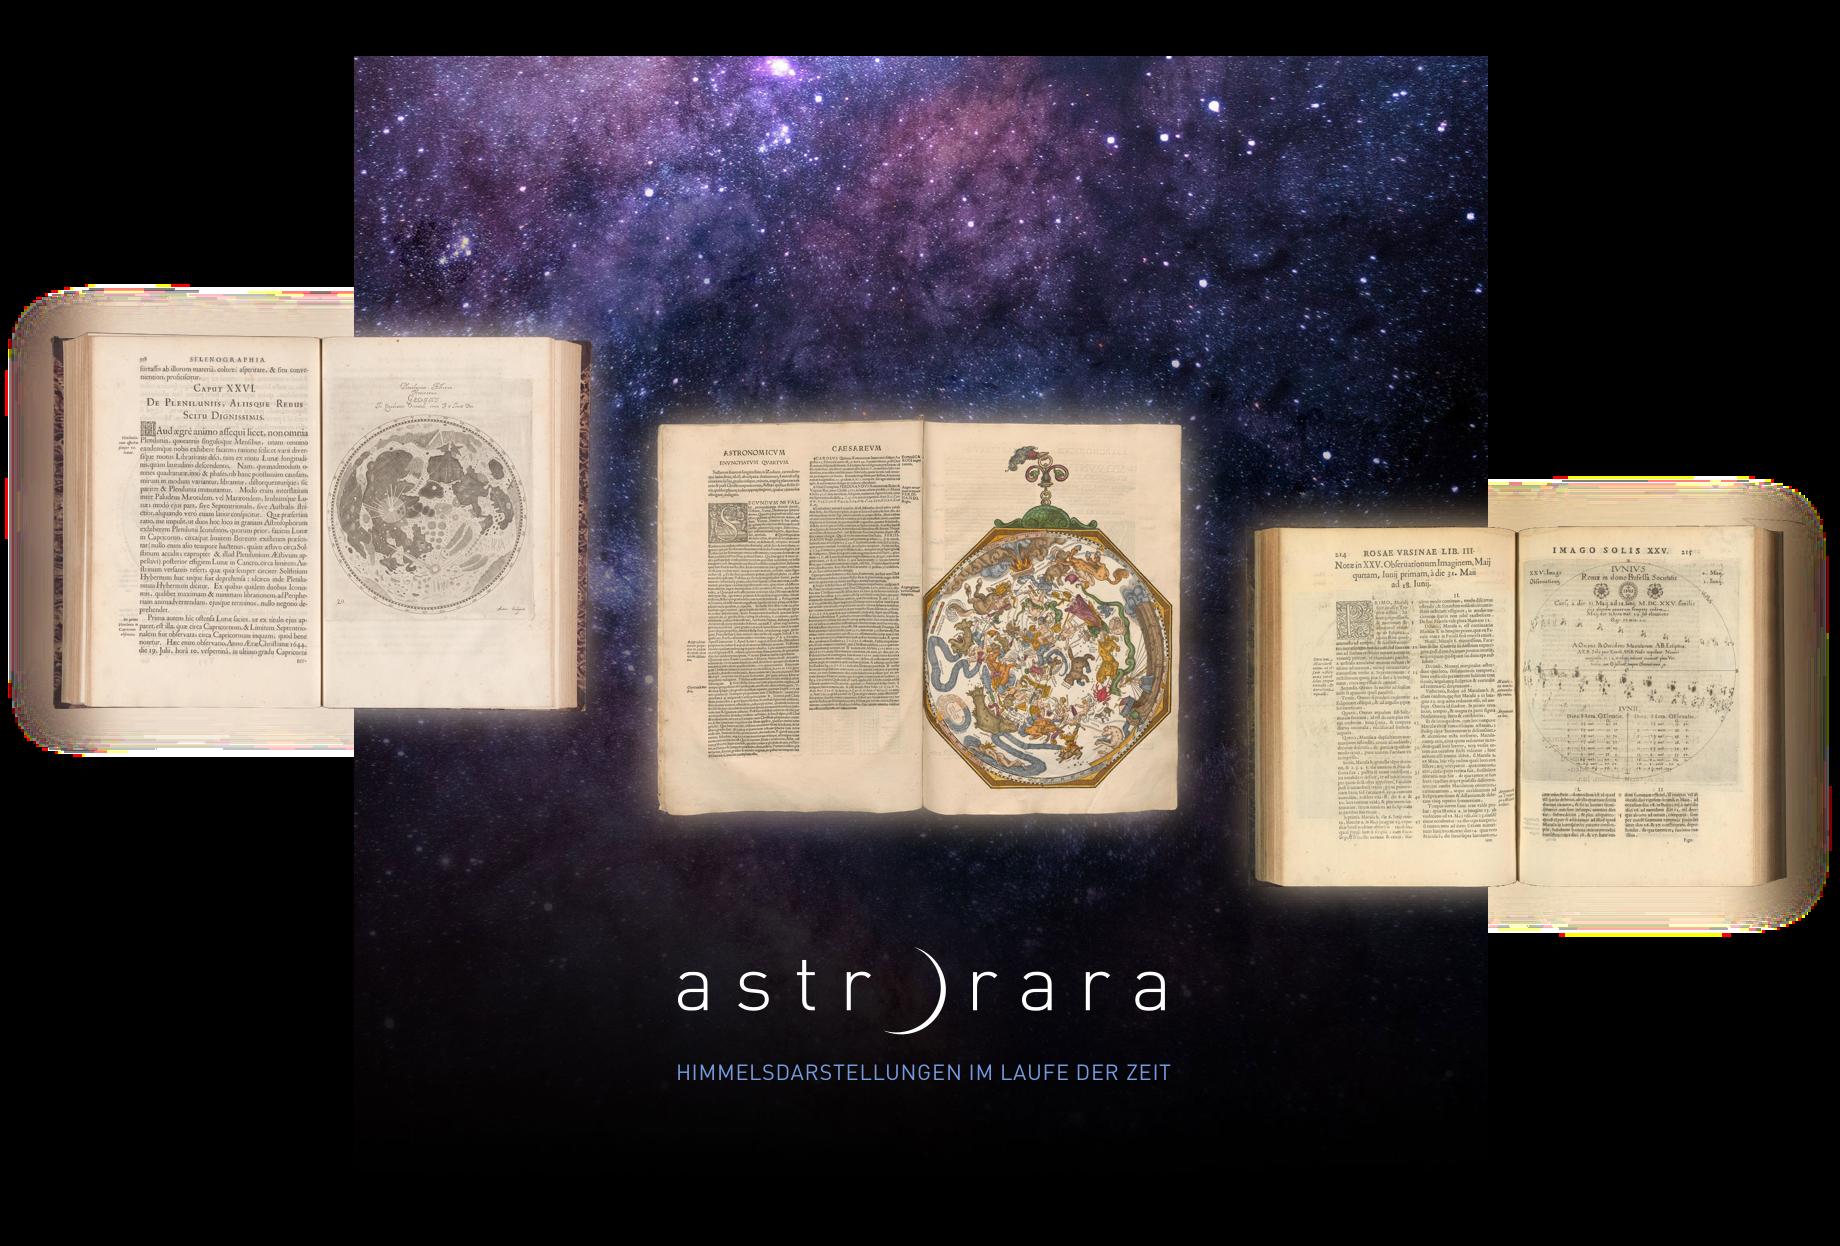 Case AstroRara